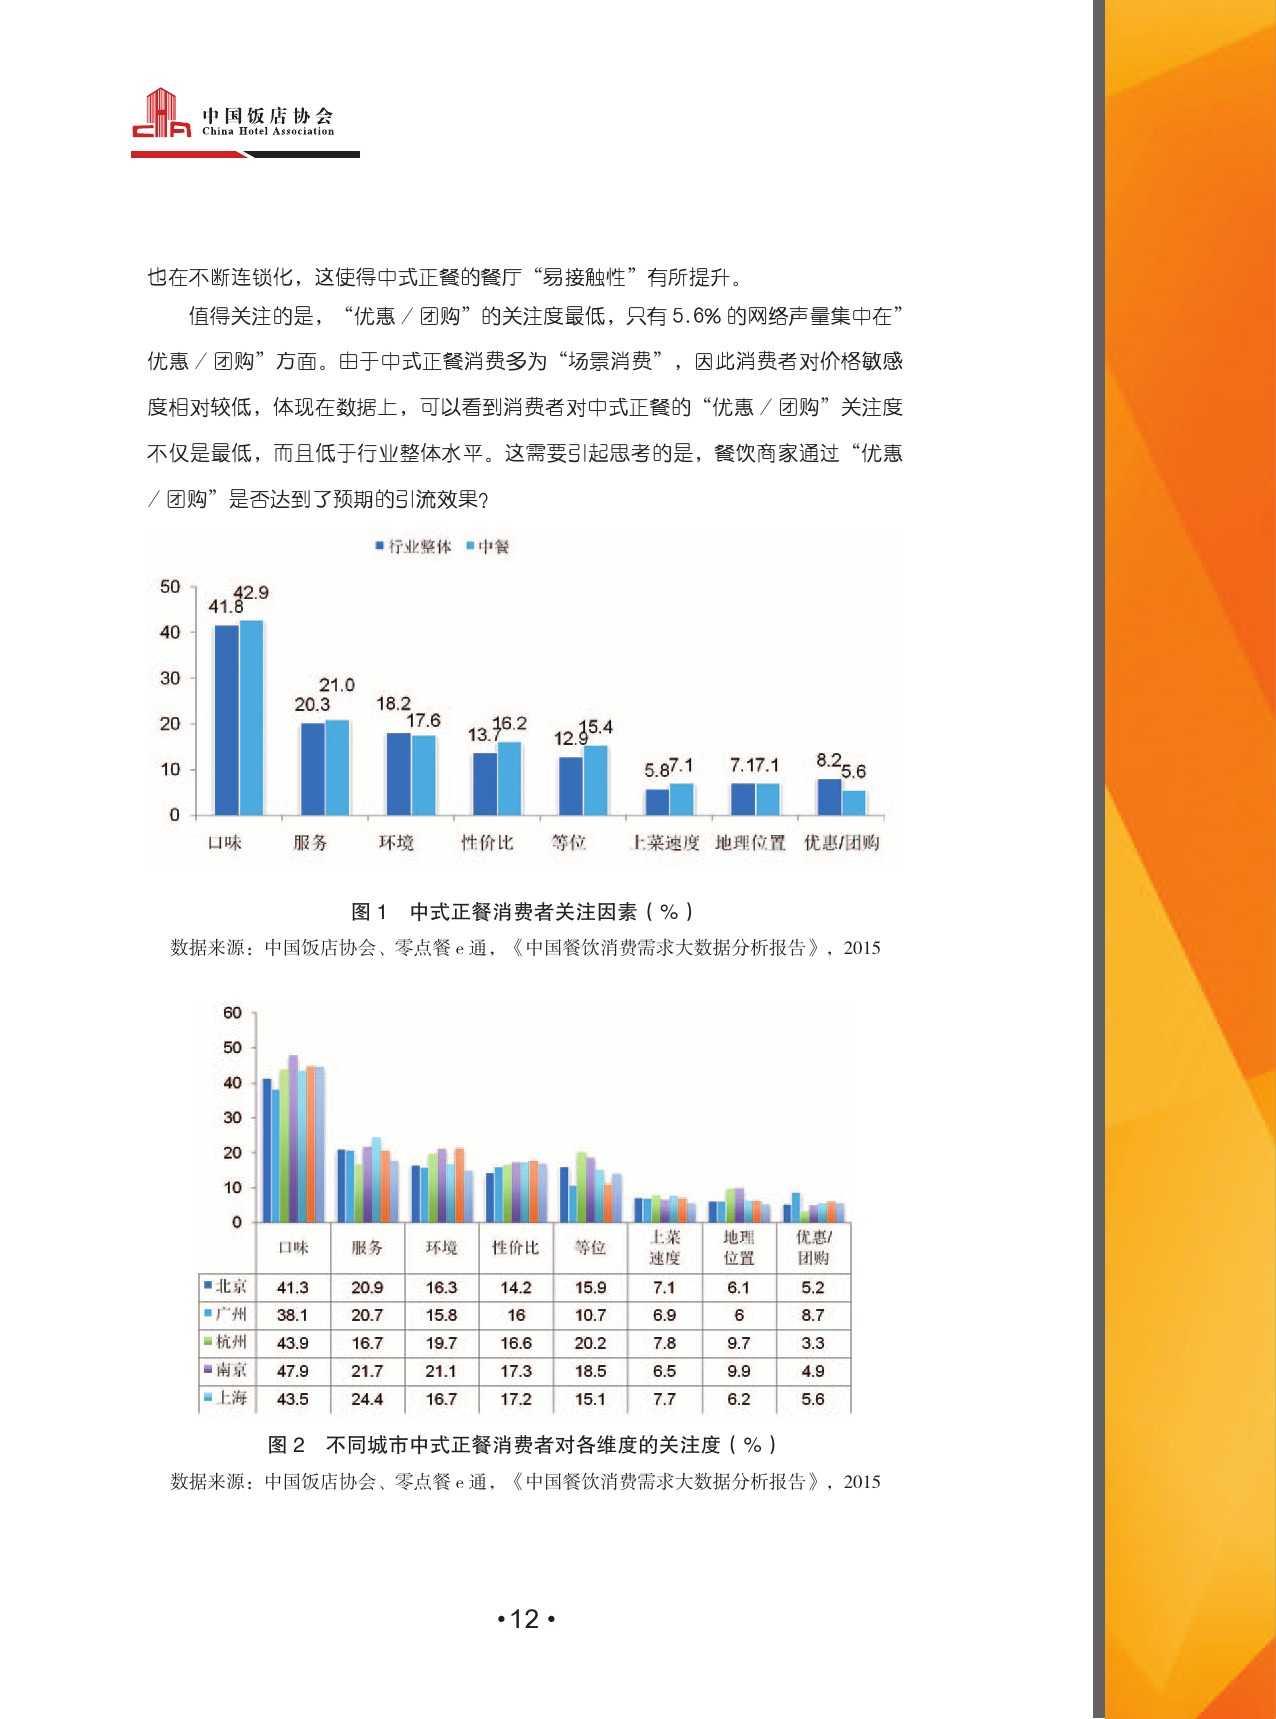 2015中国餐饮消费需求大数据分析报告_000014